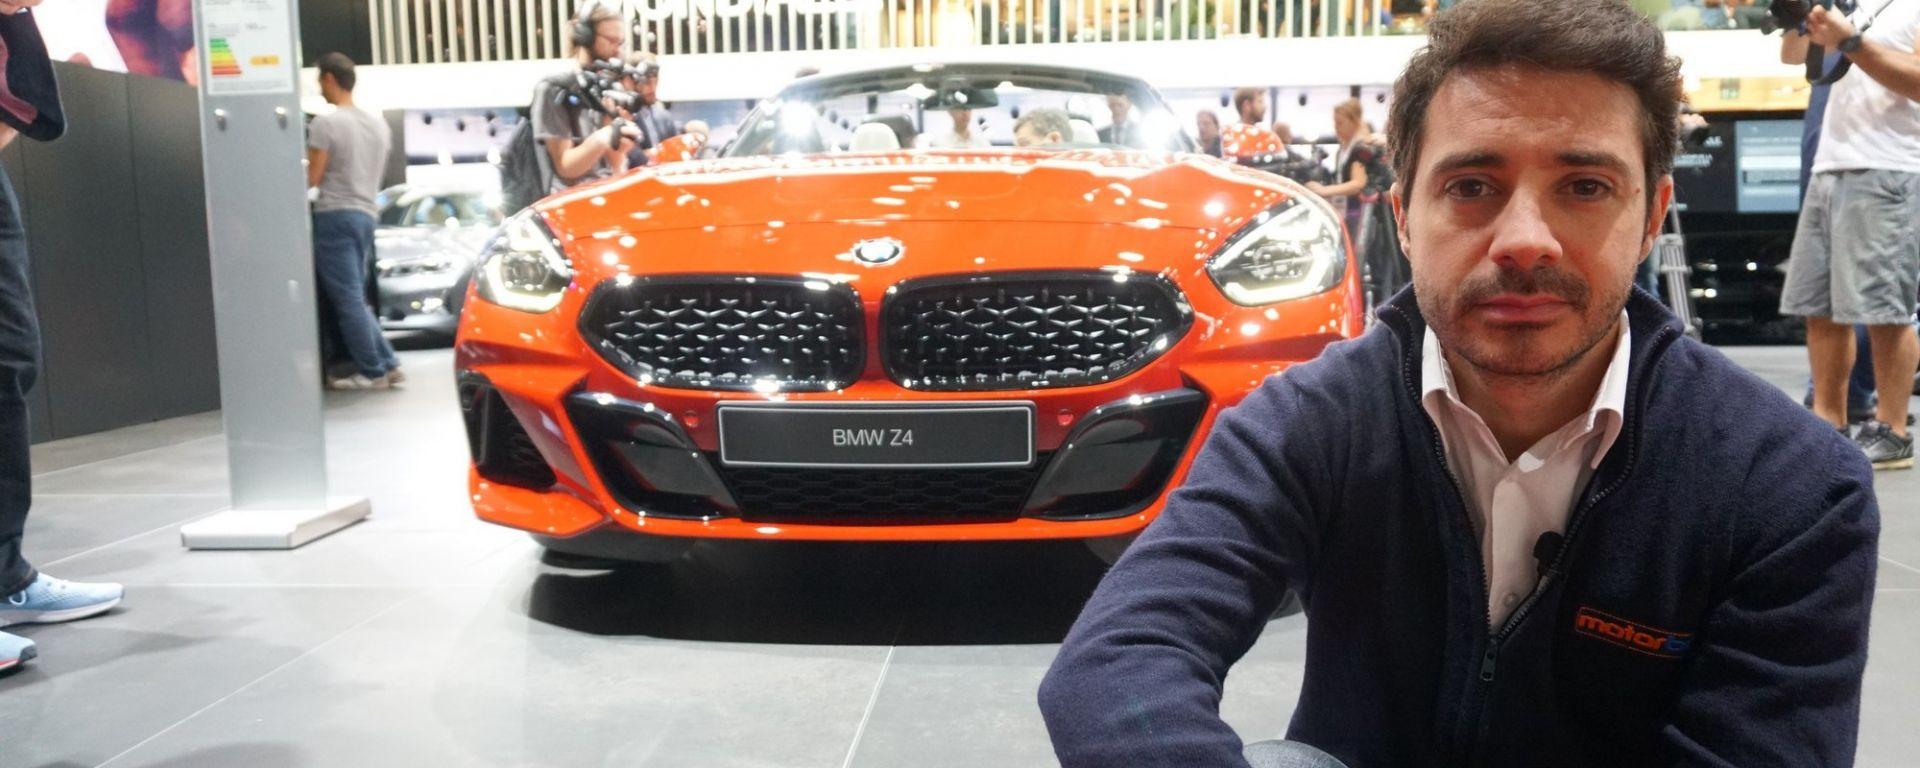 Nuova BMW Z4, anteprima mondiale al Salone di Parigi 2018